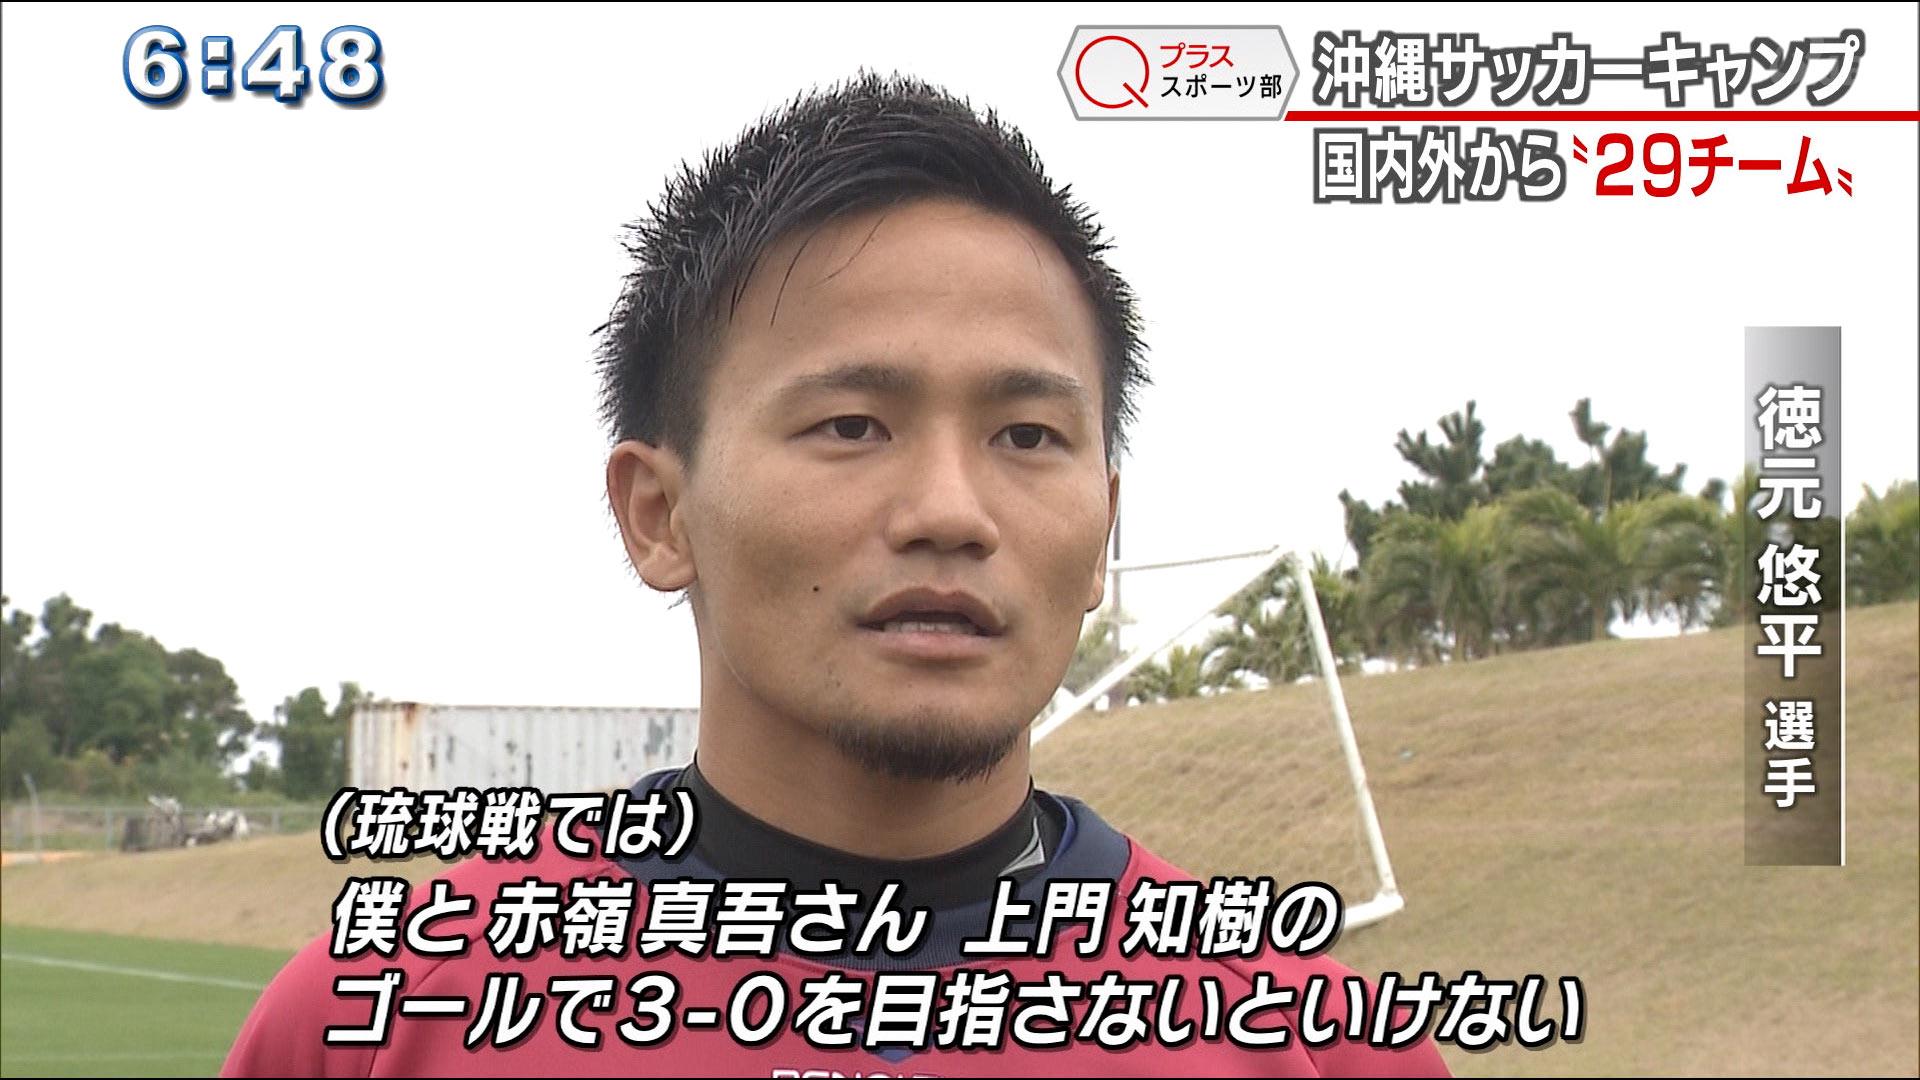 沖縄サッカーキャンプ 国内外から29チーム